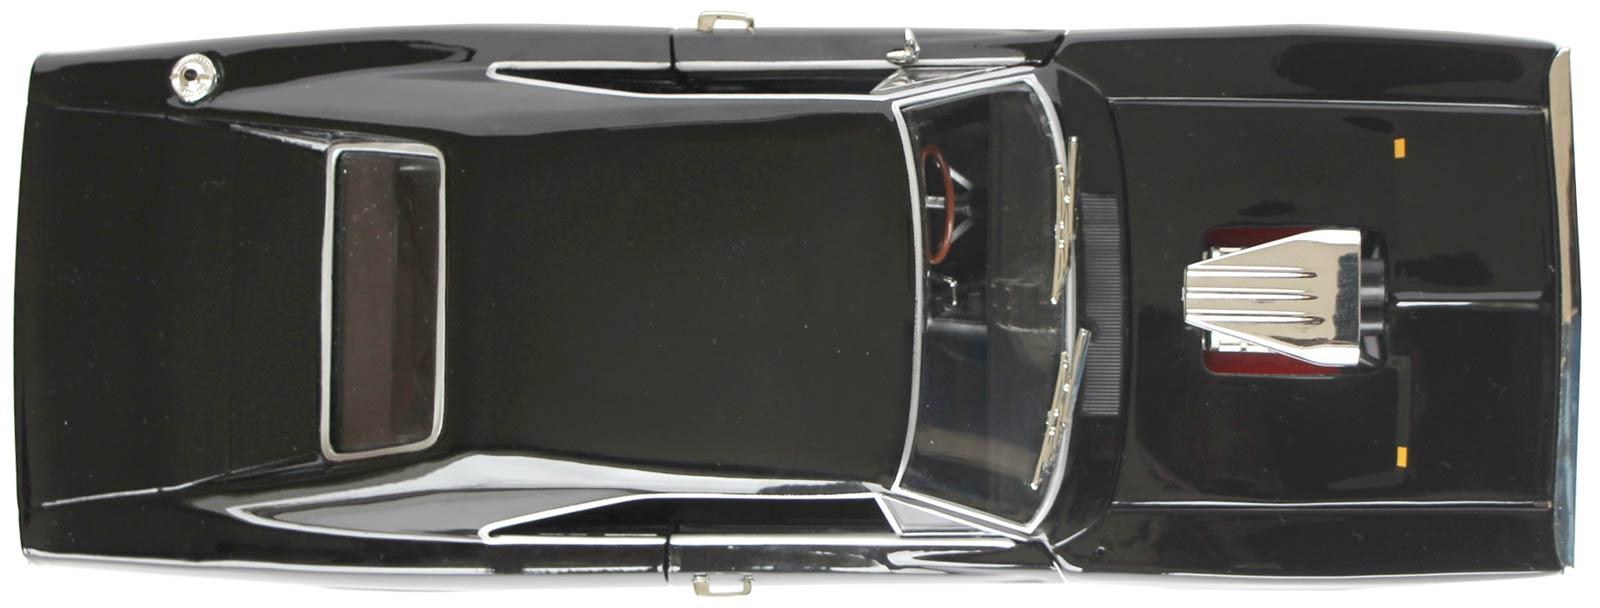 Dodge Charger Fast Furious vue de dessus